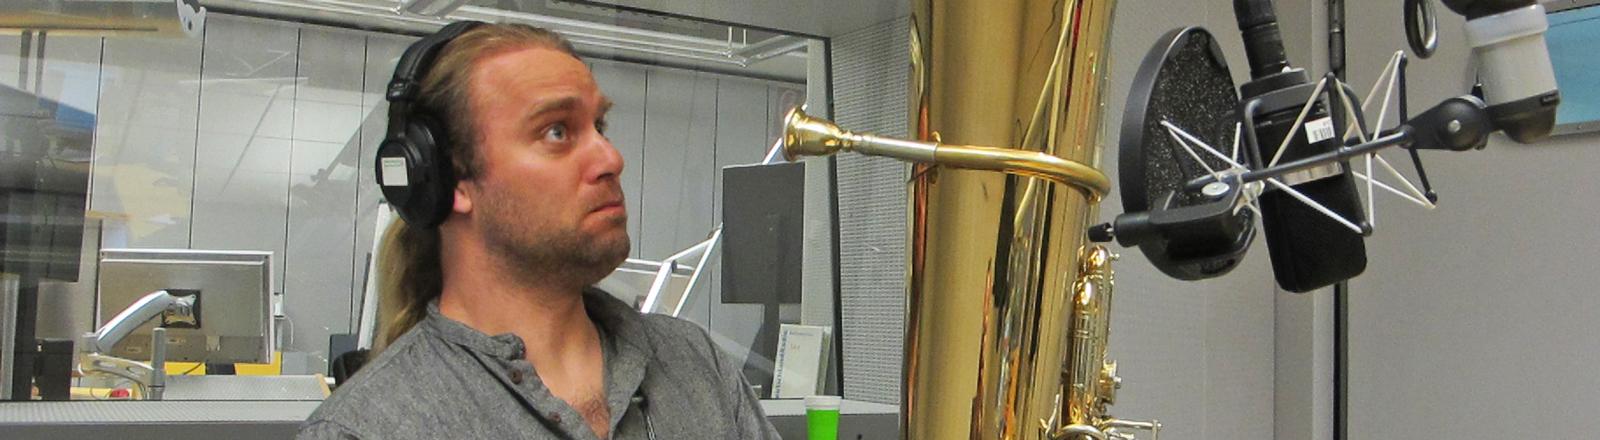 Andreas Hofmeier sitzt im Studio mit seiner Tuba vor dem Mikrofon.